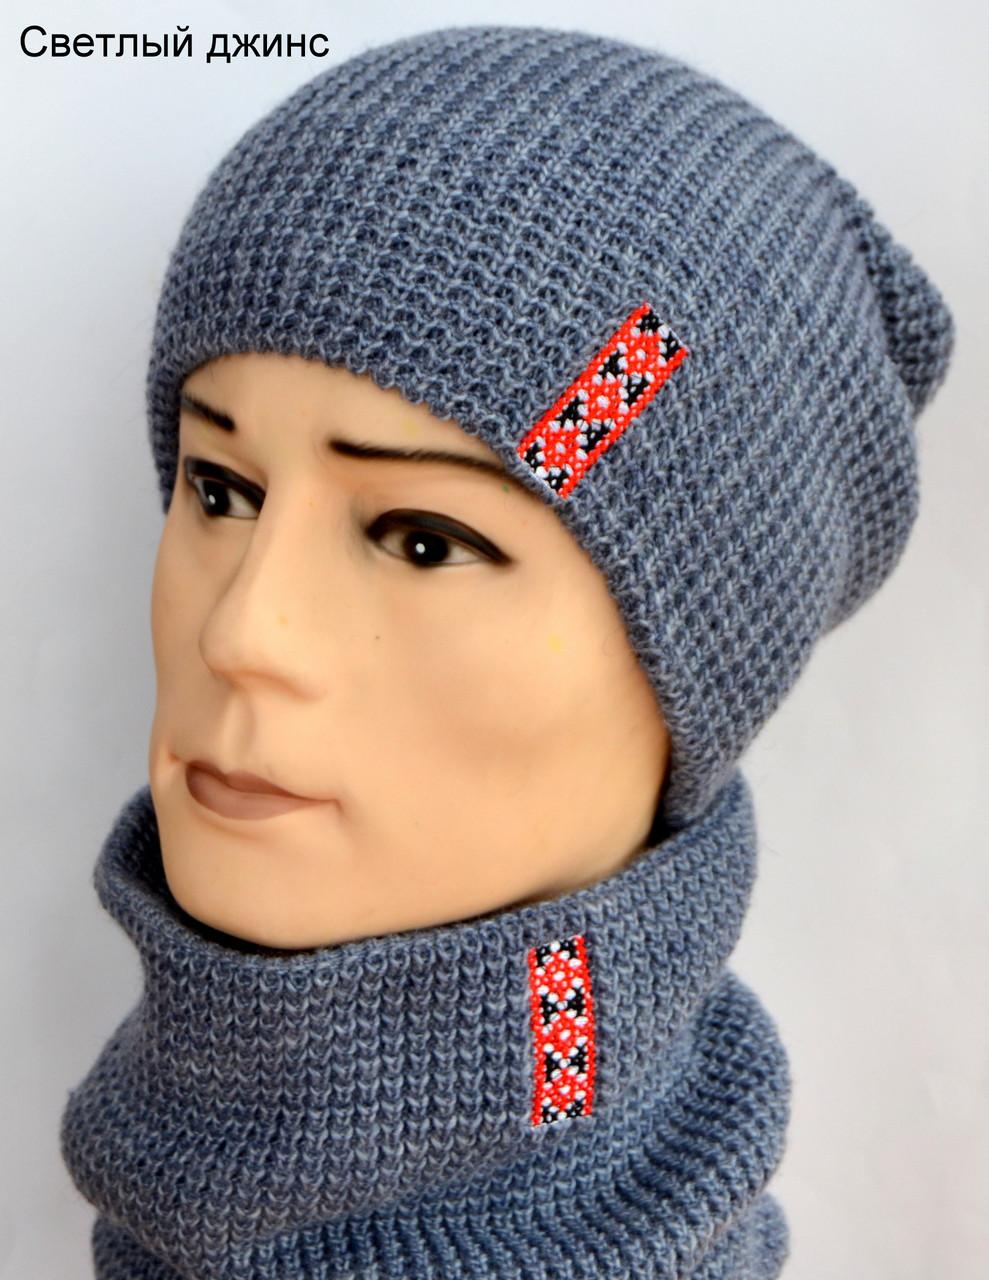 Зимняя шапка для подрстков мальчиков, Разные цвета, 55-57